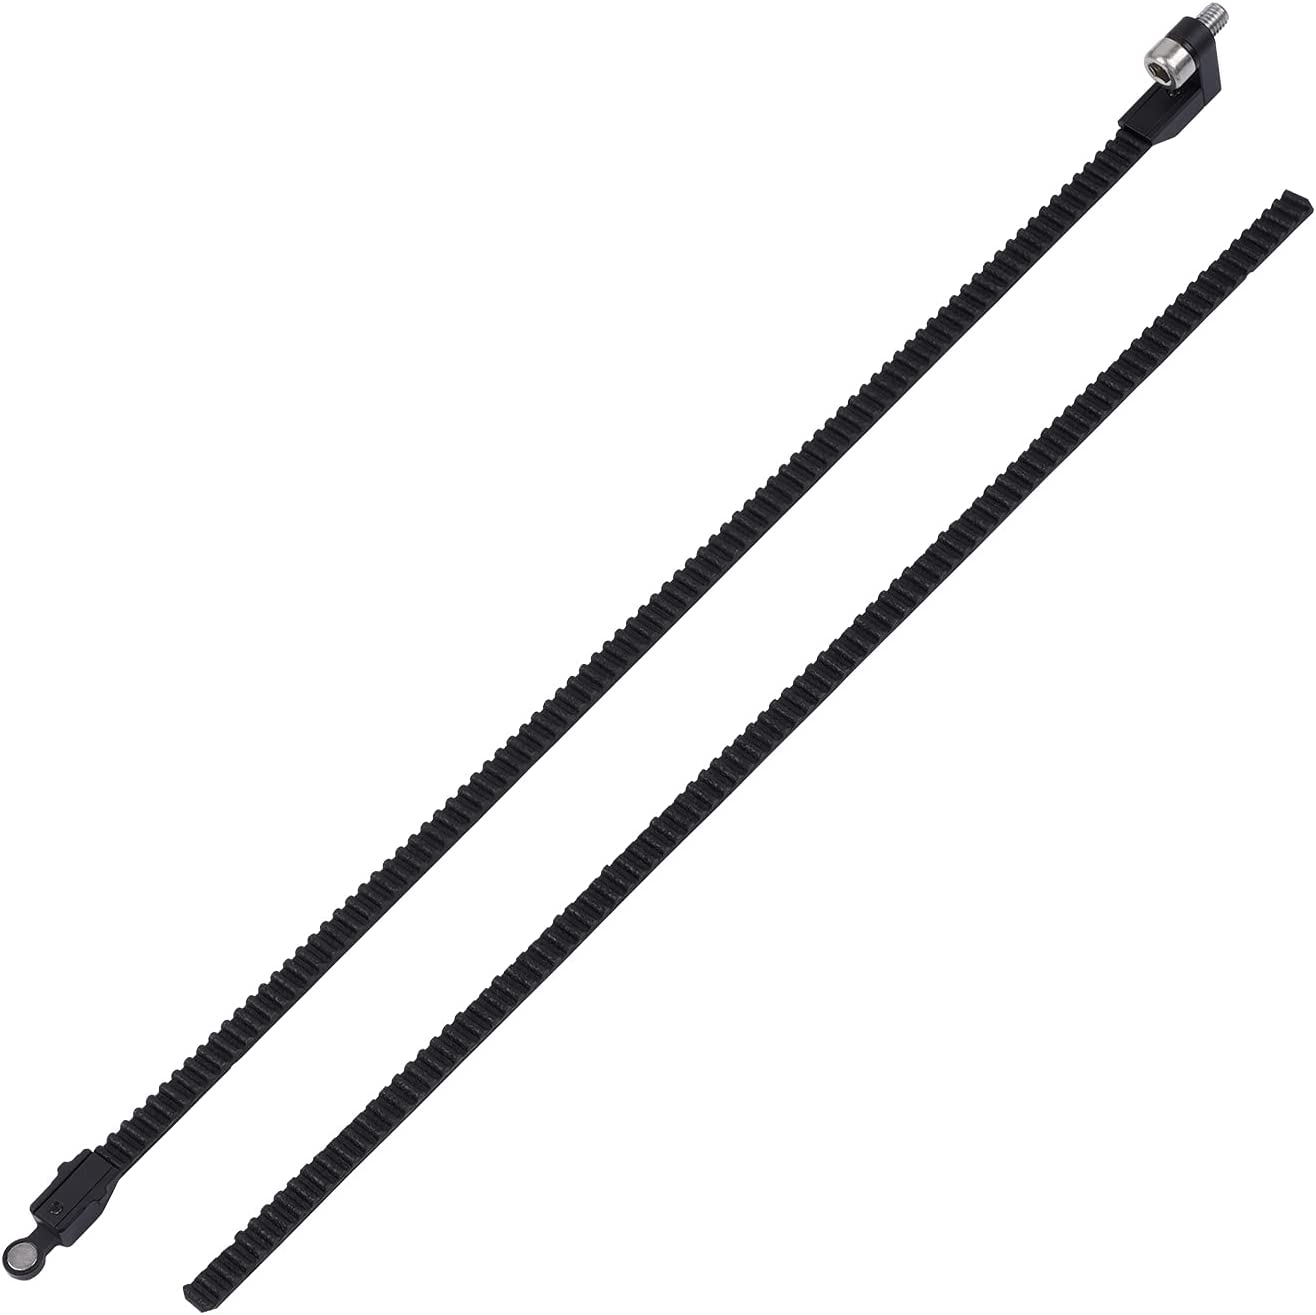 Zeapon Slider Belt for Dealing full price reduction Motorized Plus ...